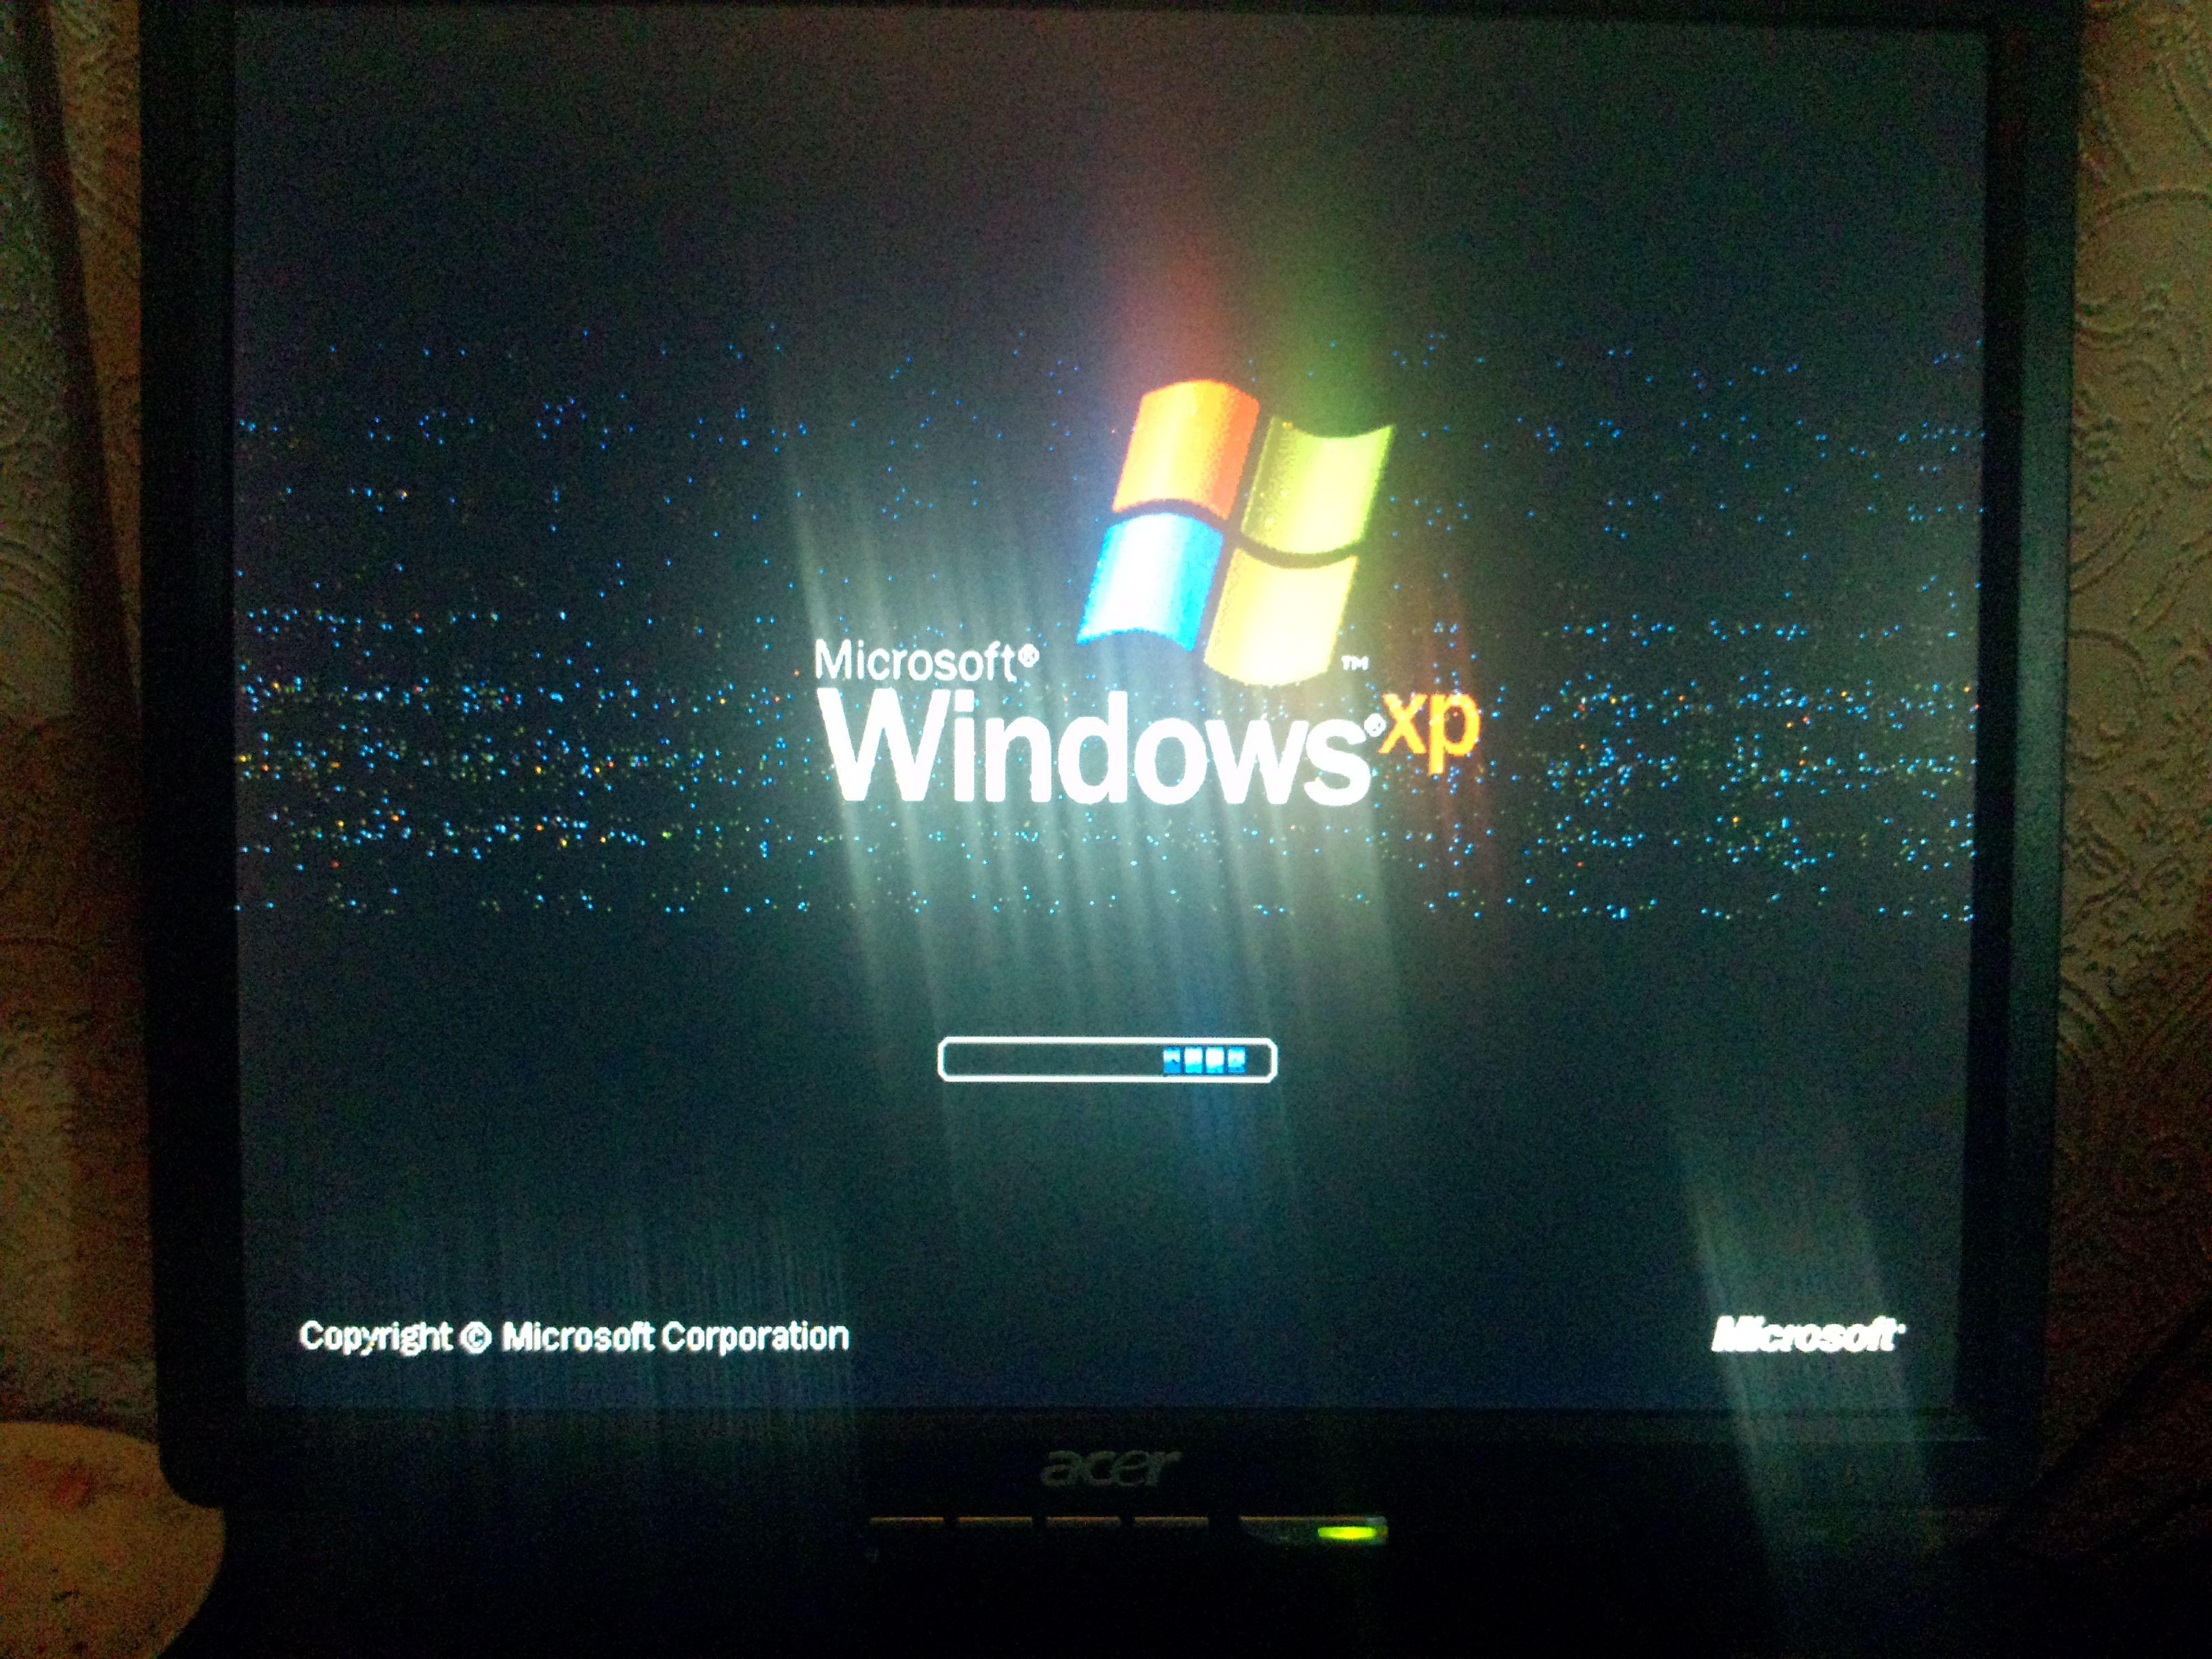 2008tv电影网_电脑死机了怎么办-电脑蓝屏_电脑死机按什么键_电脑卡机了怎么